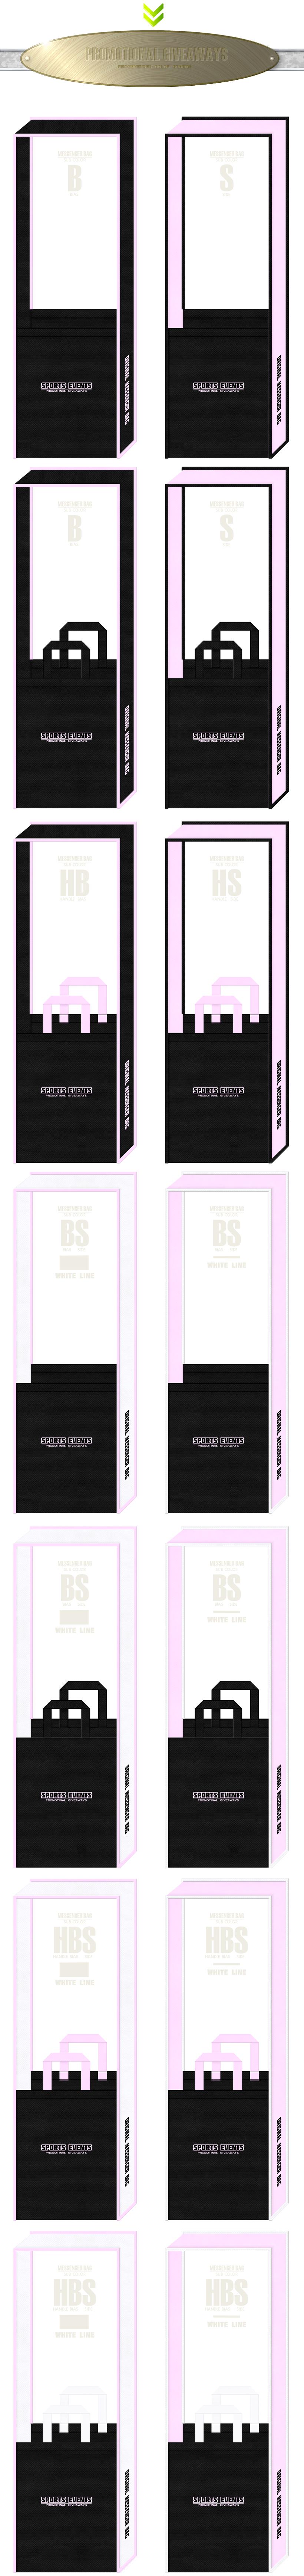 黒色とパステルピンク色をメインに使用した不織布メッセンジャーバッグのカラーシミュレーション:スポーツイベントのノベルティ